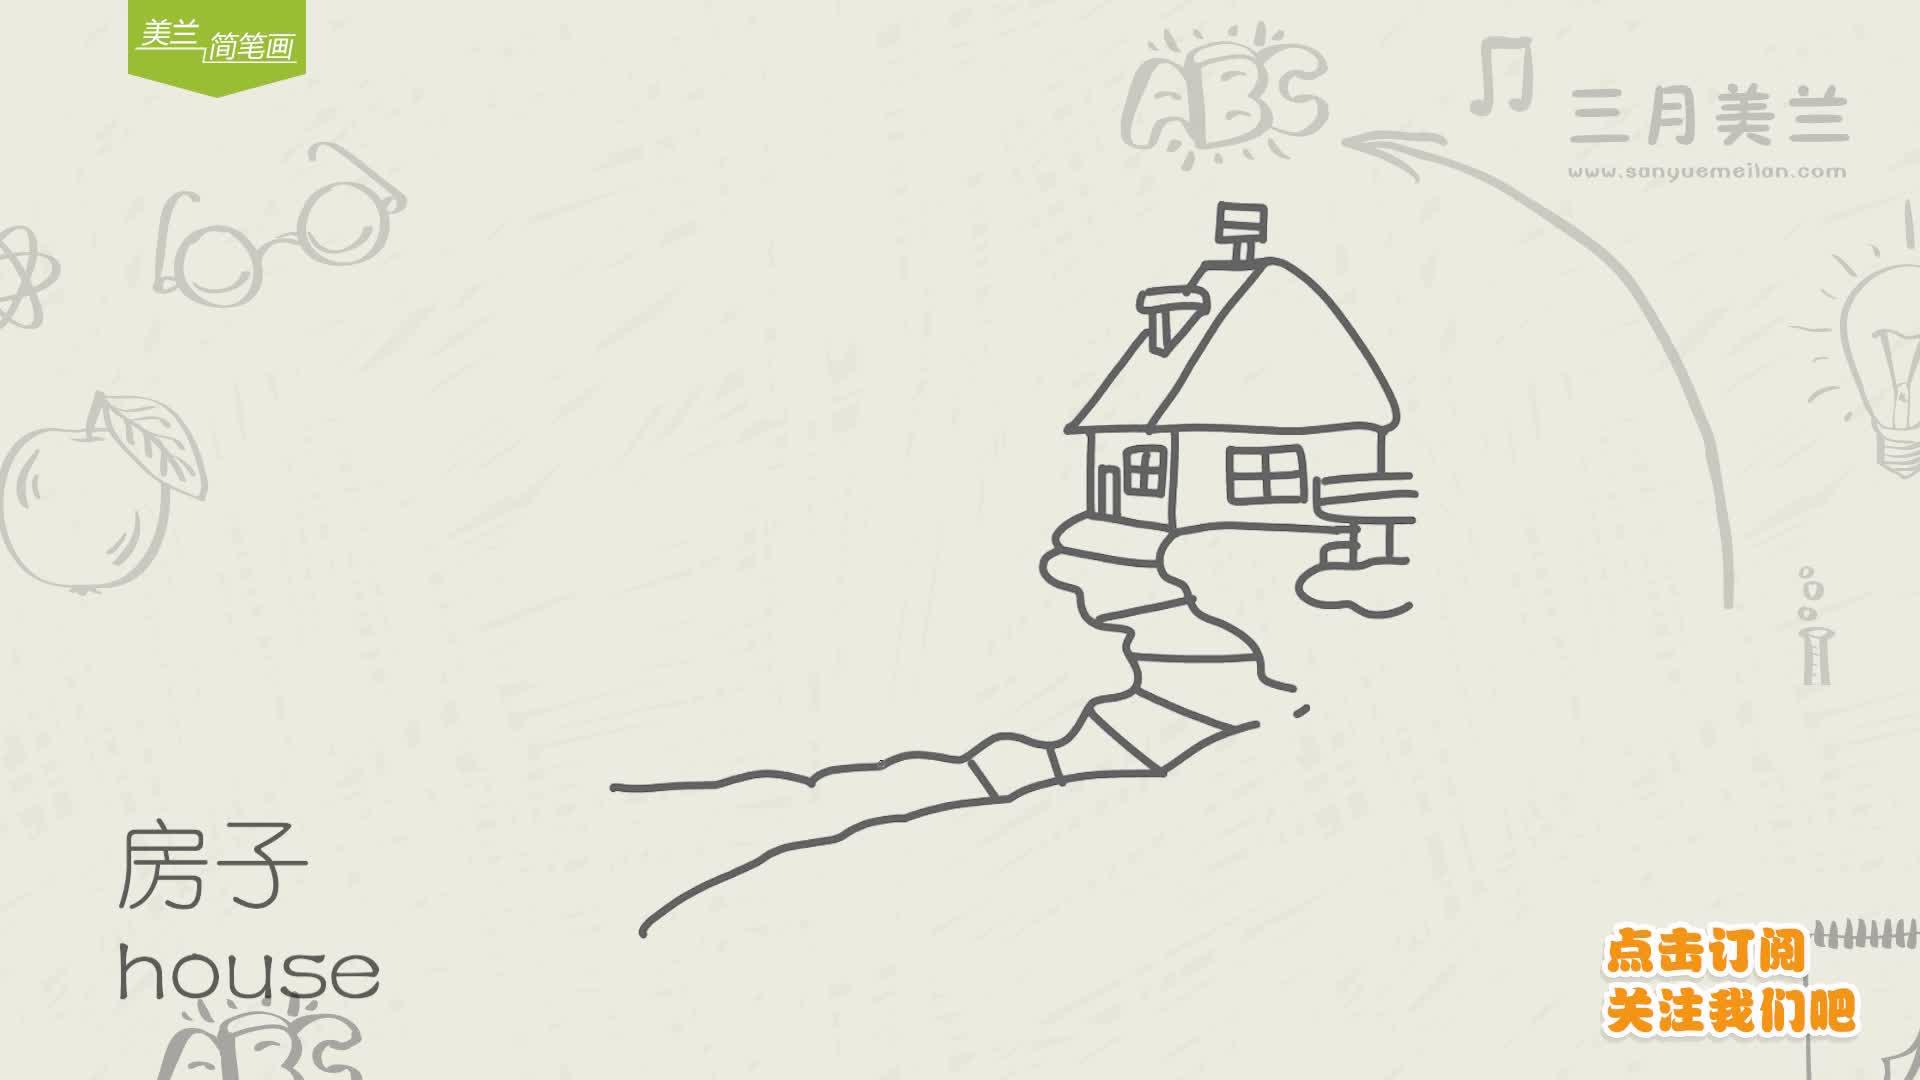 美兰英语简笔画 冬天的房子简笔画教程,儿童简笔画教程